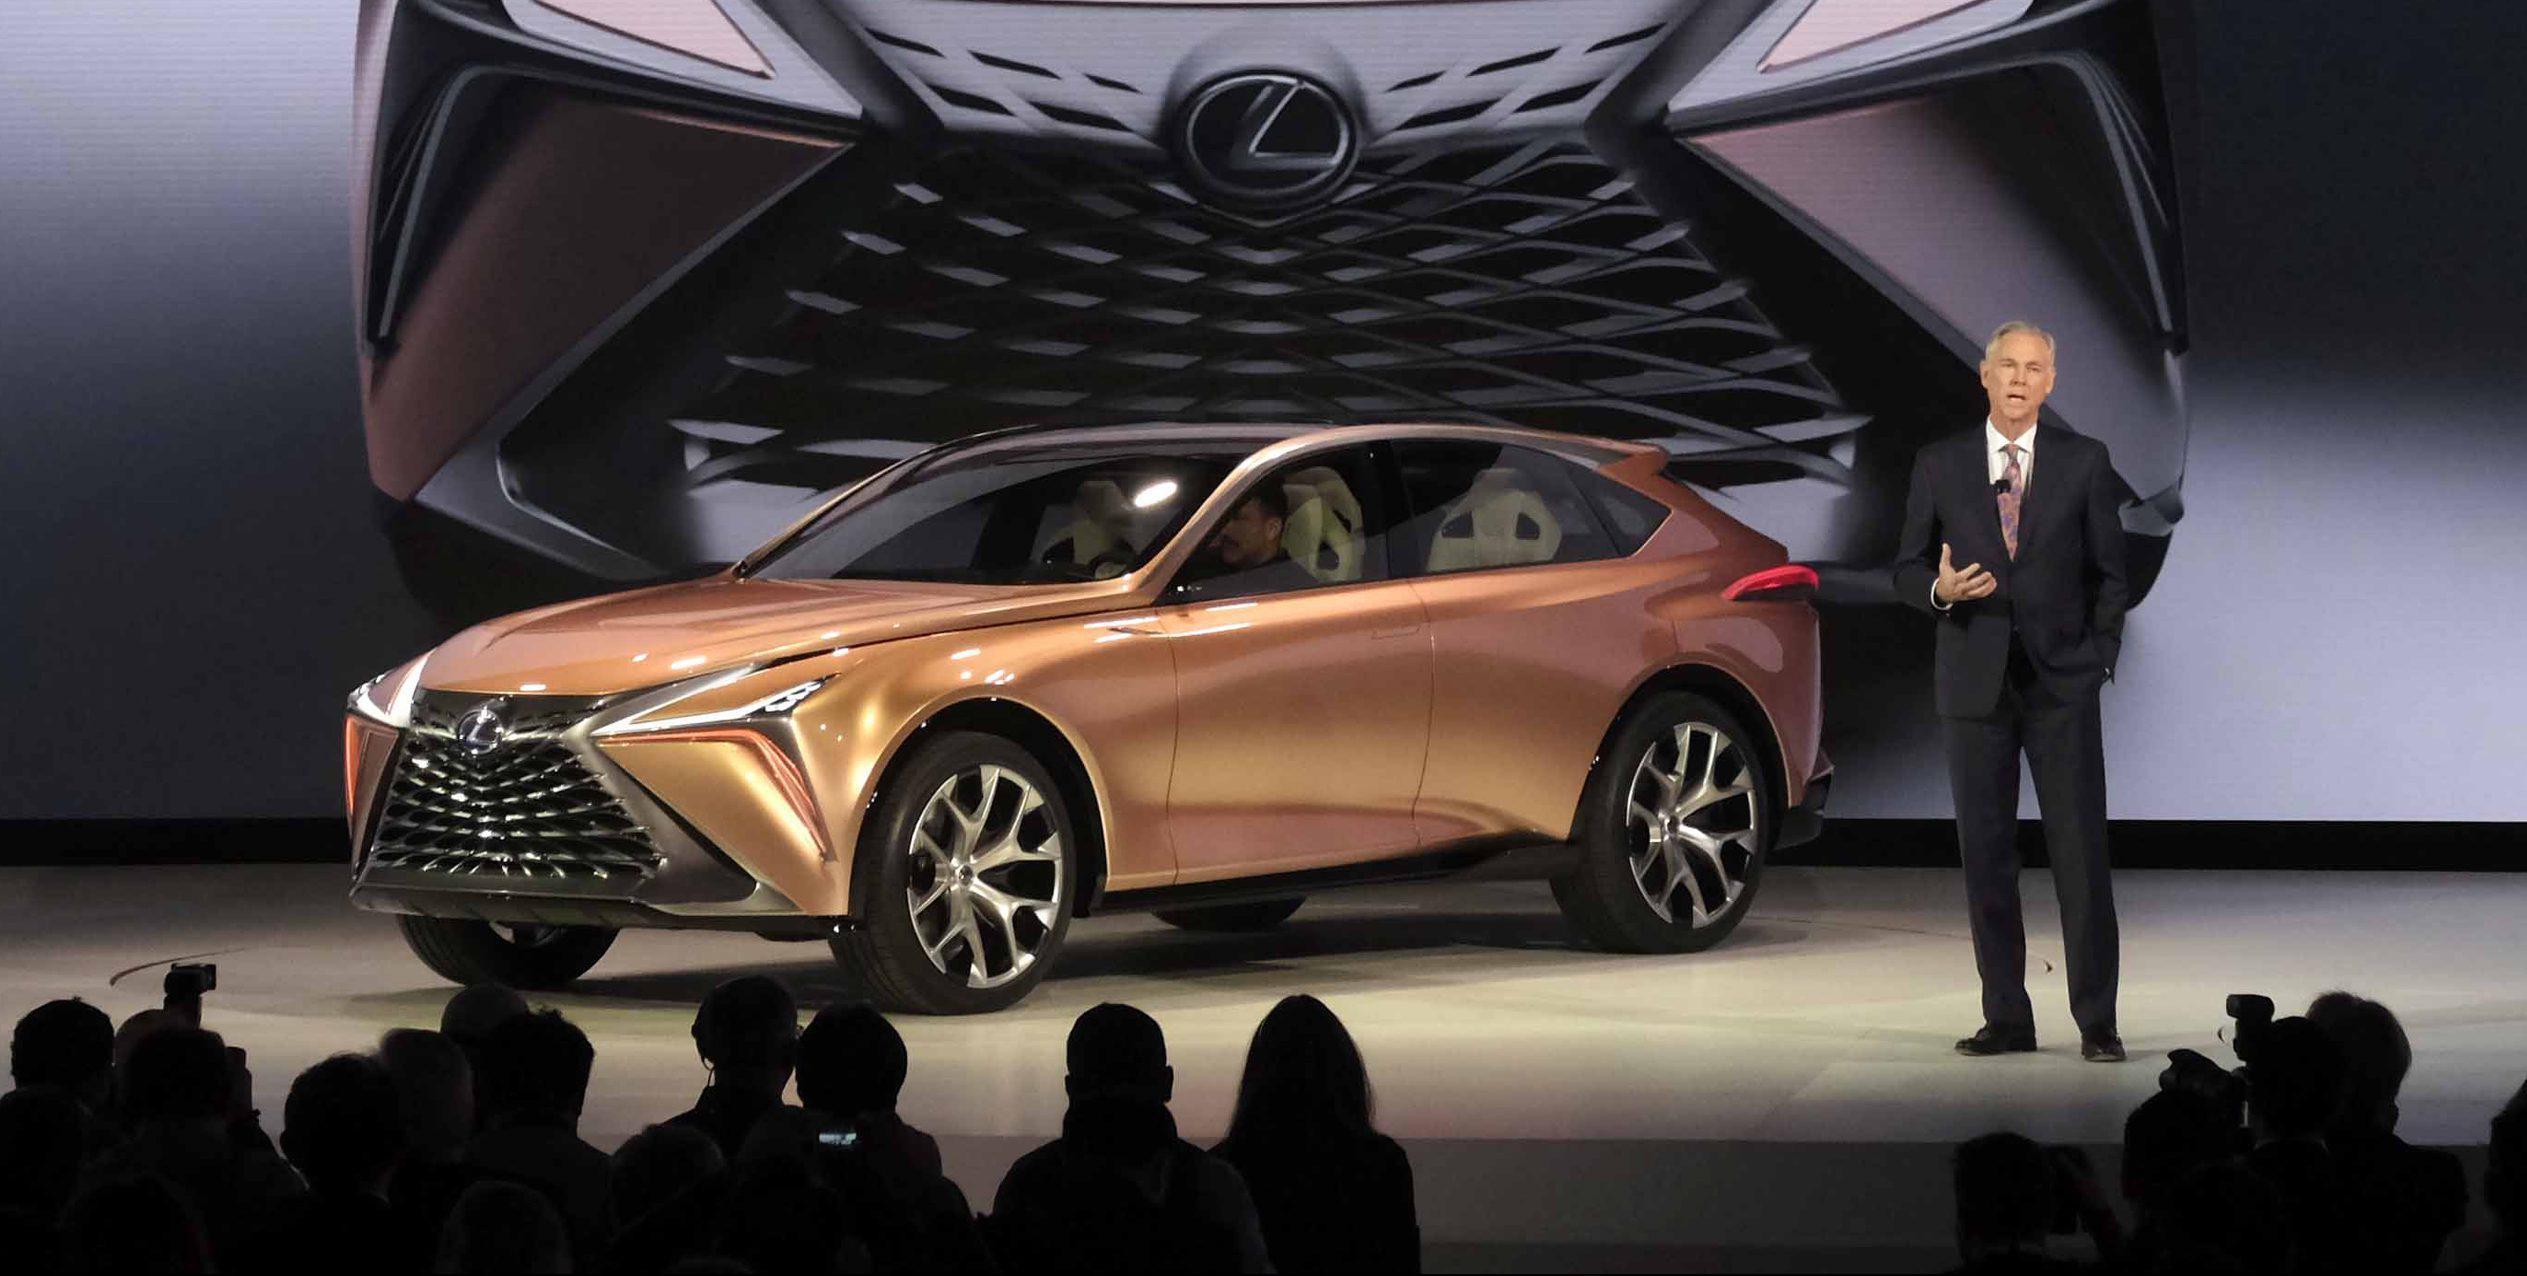 雷克萨斯总裁泽良宏:纯电动车黄金时代还没到来